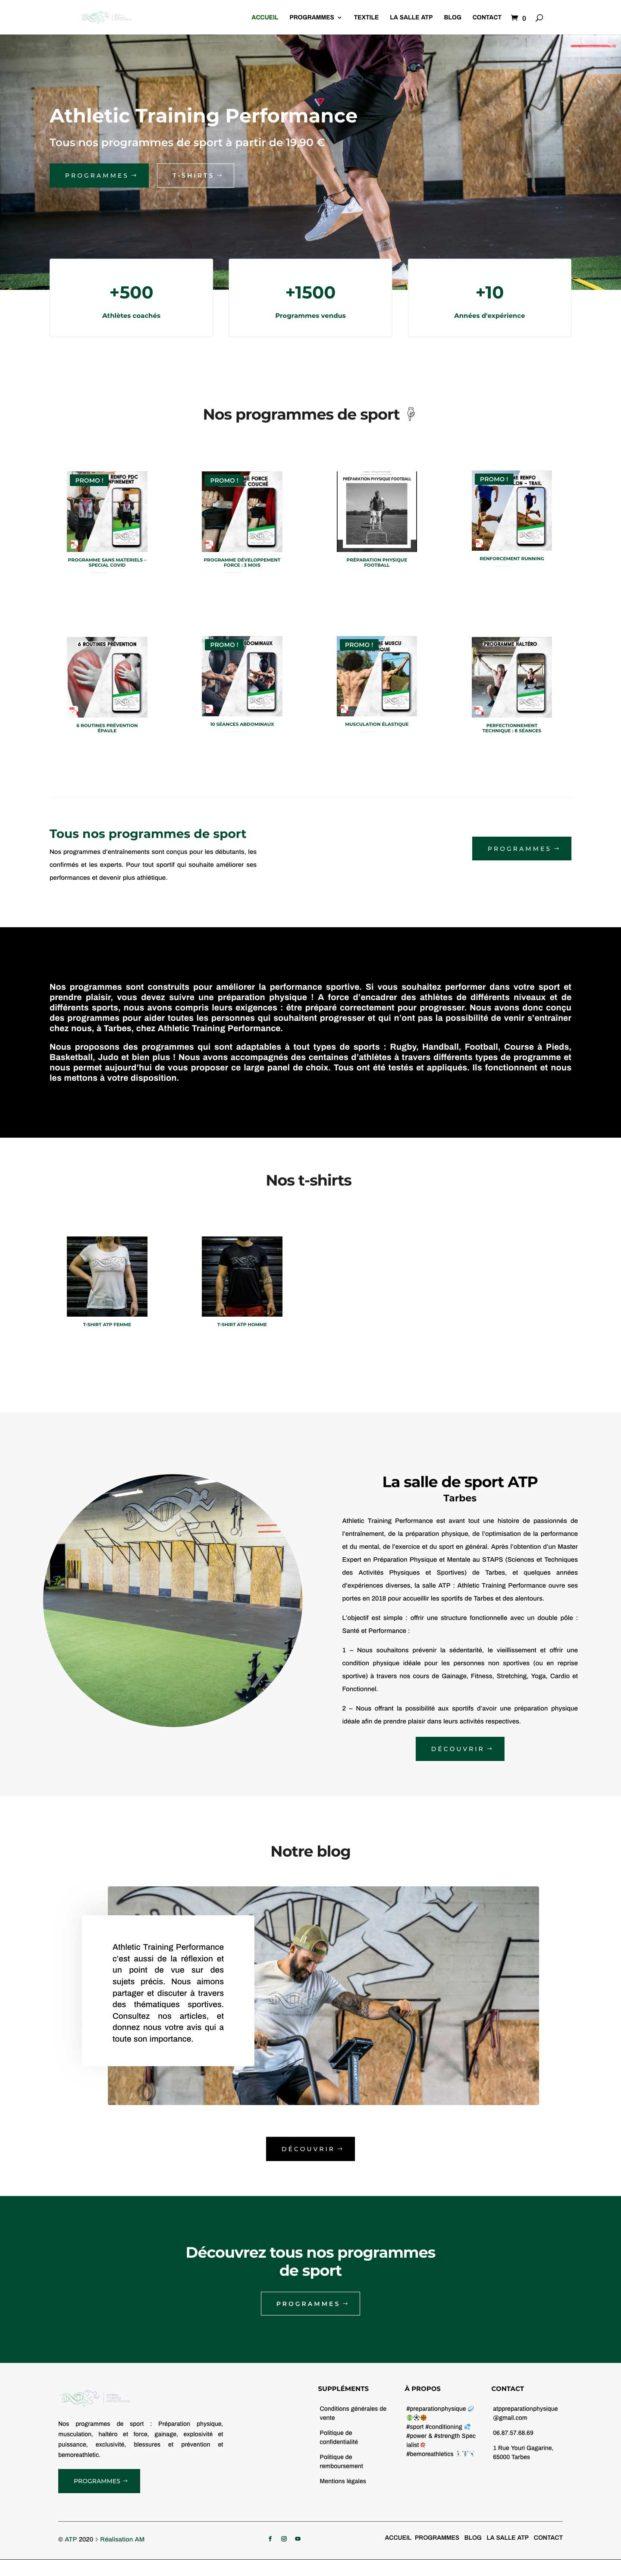 La page d'accueil du site Athletic Training Performance.